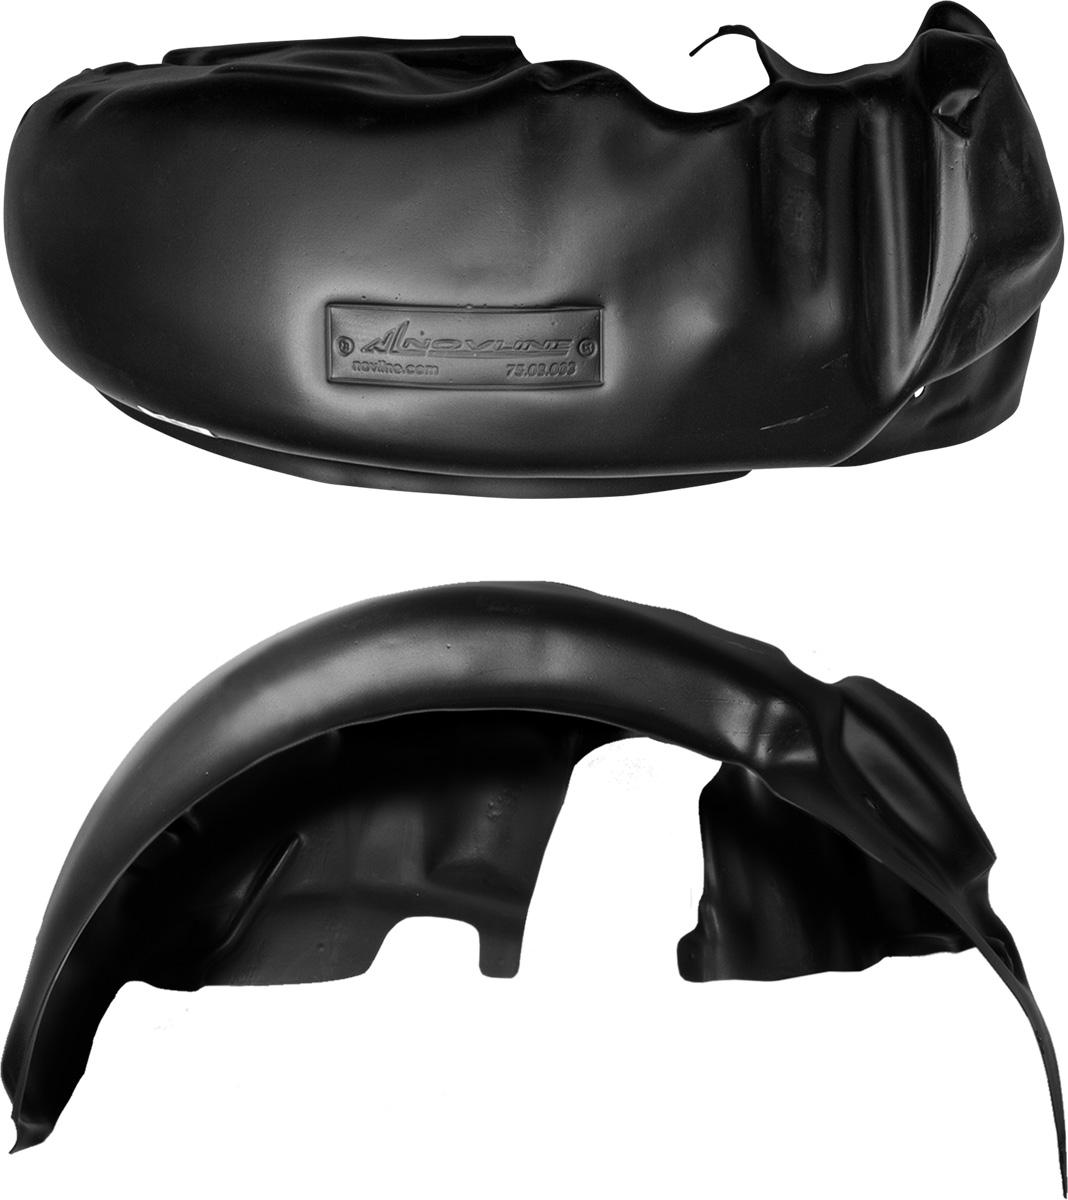 Подкрылок NISSAN Tiida, 2010-2015, задний правыйNLL.36.39.004Колесные ниши – одни из самых уязвимых зон днища вашего автомобиля. Они постоянно подвергаются воздействию со стороны дороги. Лучшая, почти абсолютная защита для них - специально отформованные пластиковые кожухи, которые называются подкрылками, или локерами. Производятся они как для отечественных моделей автомобилей, так и для иномарок. Подкрылки выполнены из высококачественного, экологически чистого пластика. Обеспечивают надежную защиту кузова автомобиля от пескоструйного эффекта и негативного влияния, агрессивных антигололедных реагентов. Пластик обладает более низкой теплопроводностью, чем металл, поэтому в зимний период эксплуатации использование пластиковых подкрылков позволяет лучше защитить колесные ниши от налипания снега и образования наледи. Оригинальность конструкции подчеркивает элегантность автомобиля, бережно защищает нанесенное на днище кузова антикоррозийное покрытие и позволяет осуществить крепление подкрылков внутри колесной арки практически без дополнительного...